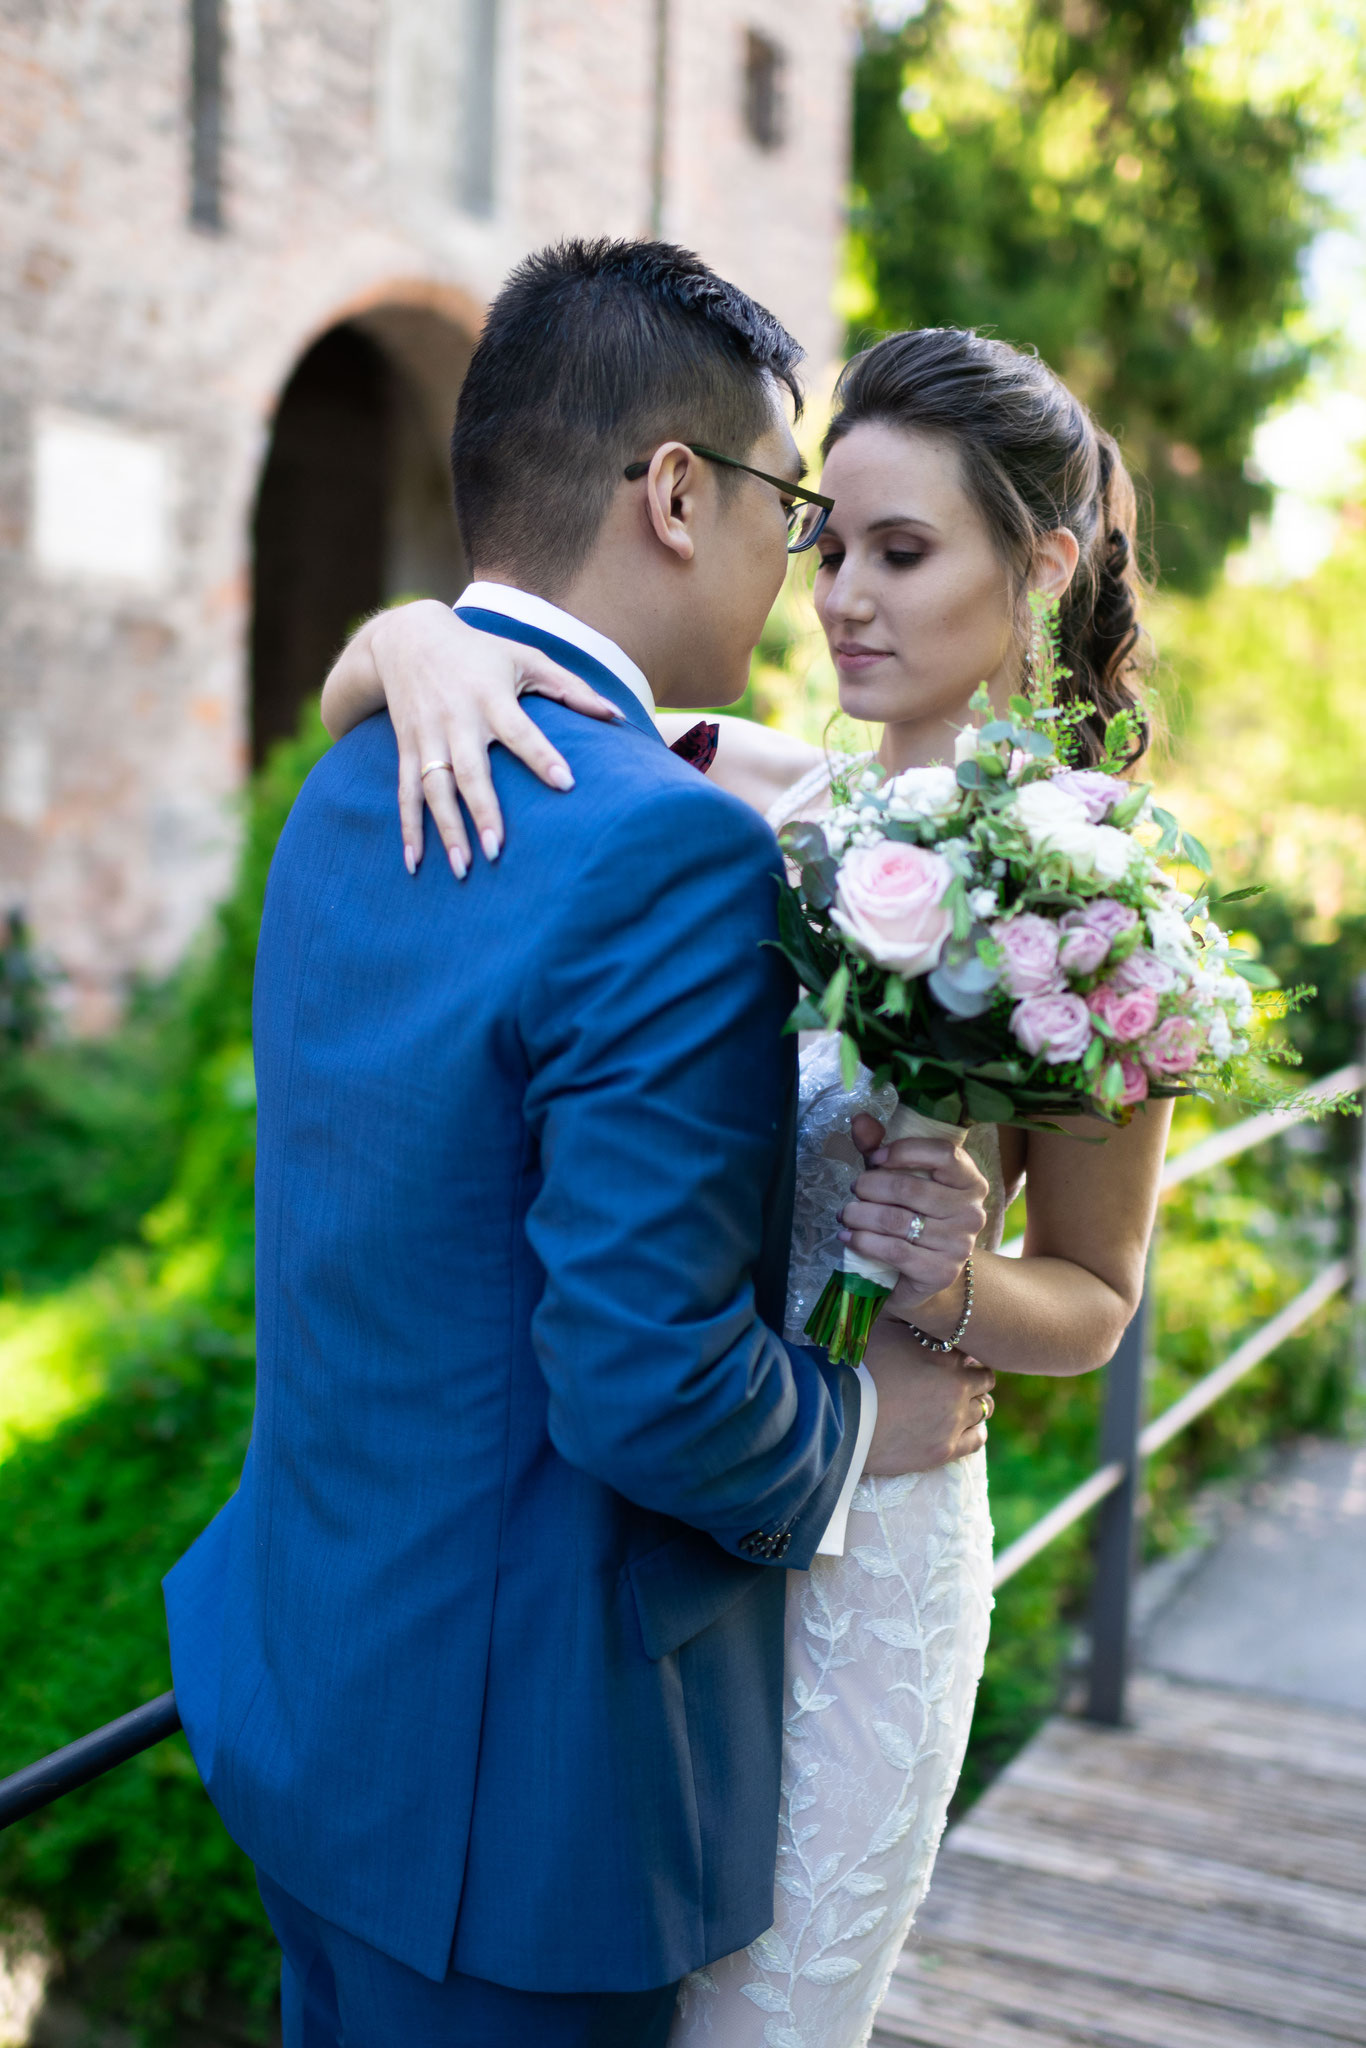 Meine Hochzeit vom Videografen filmen lassen